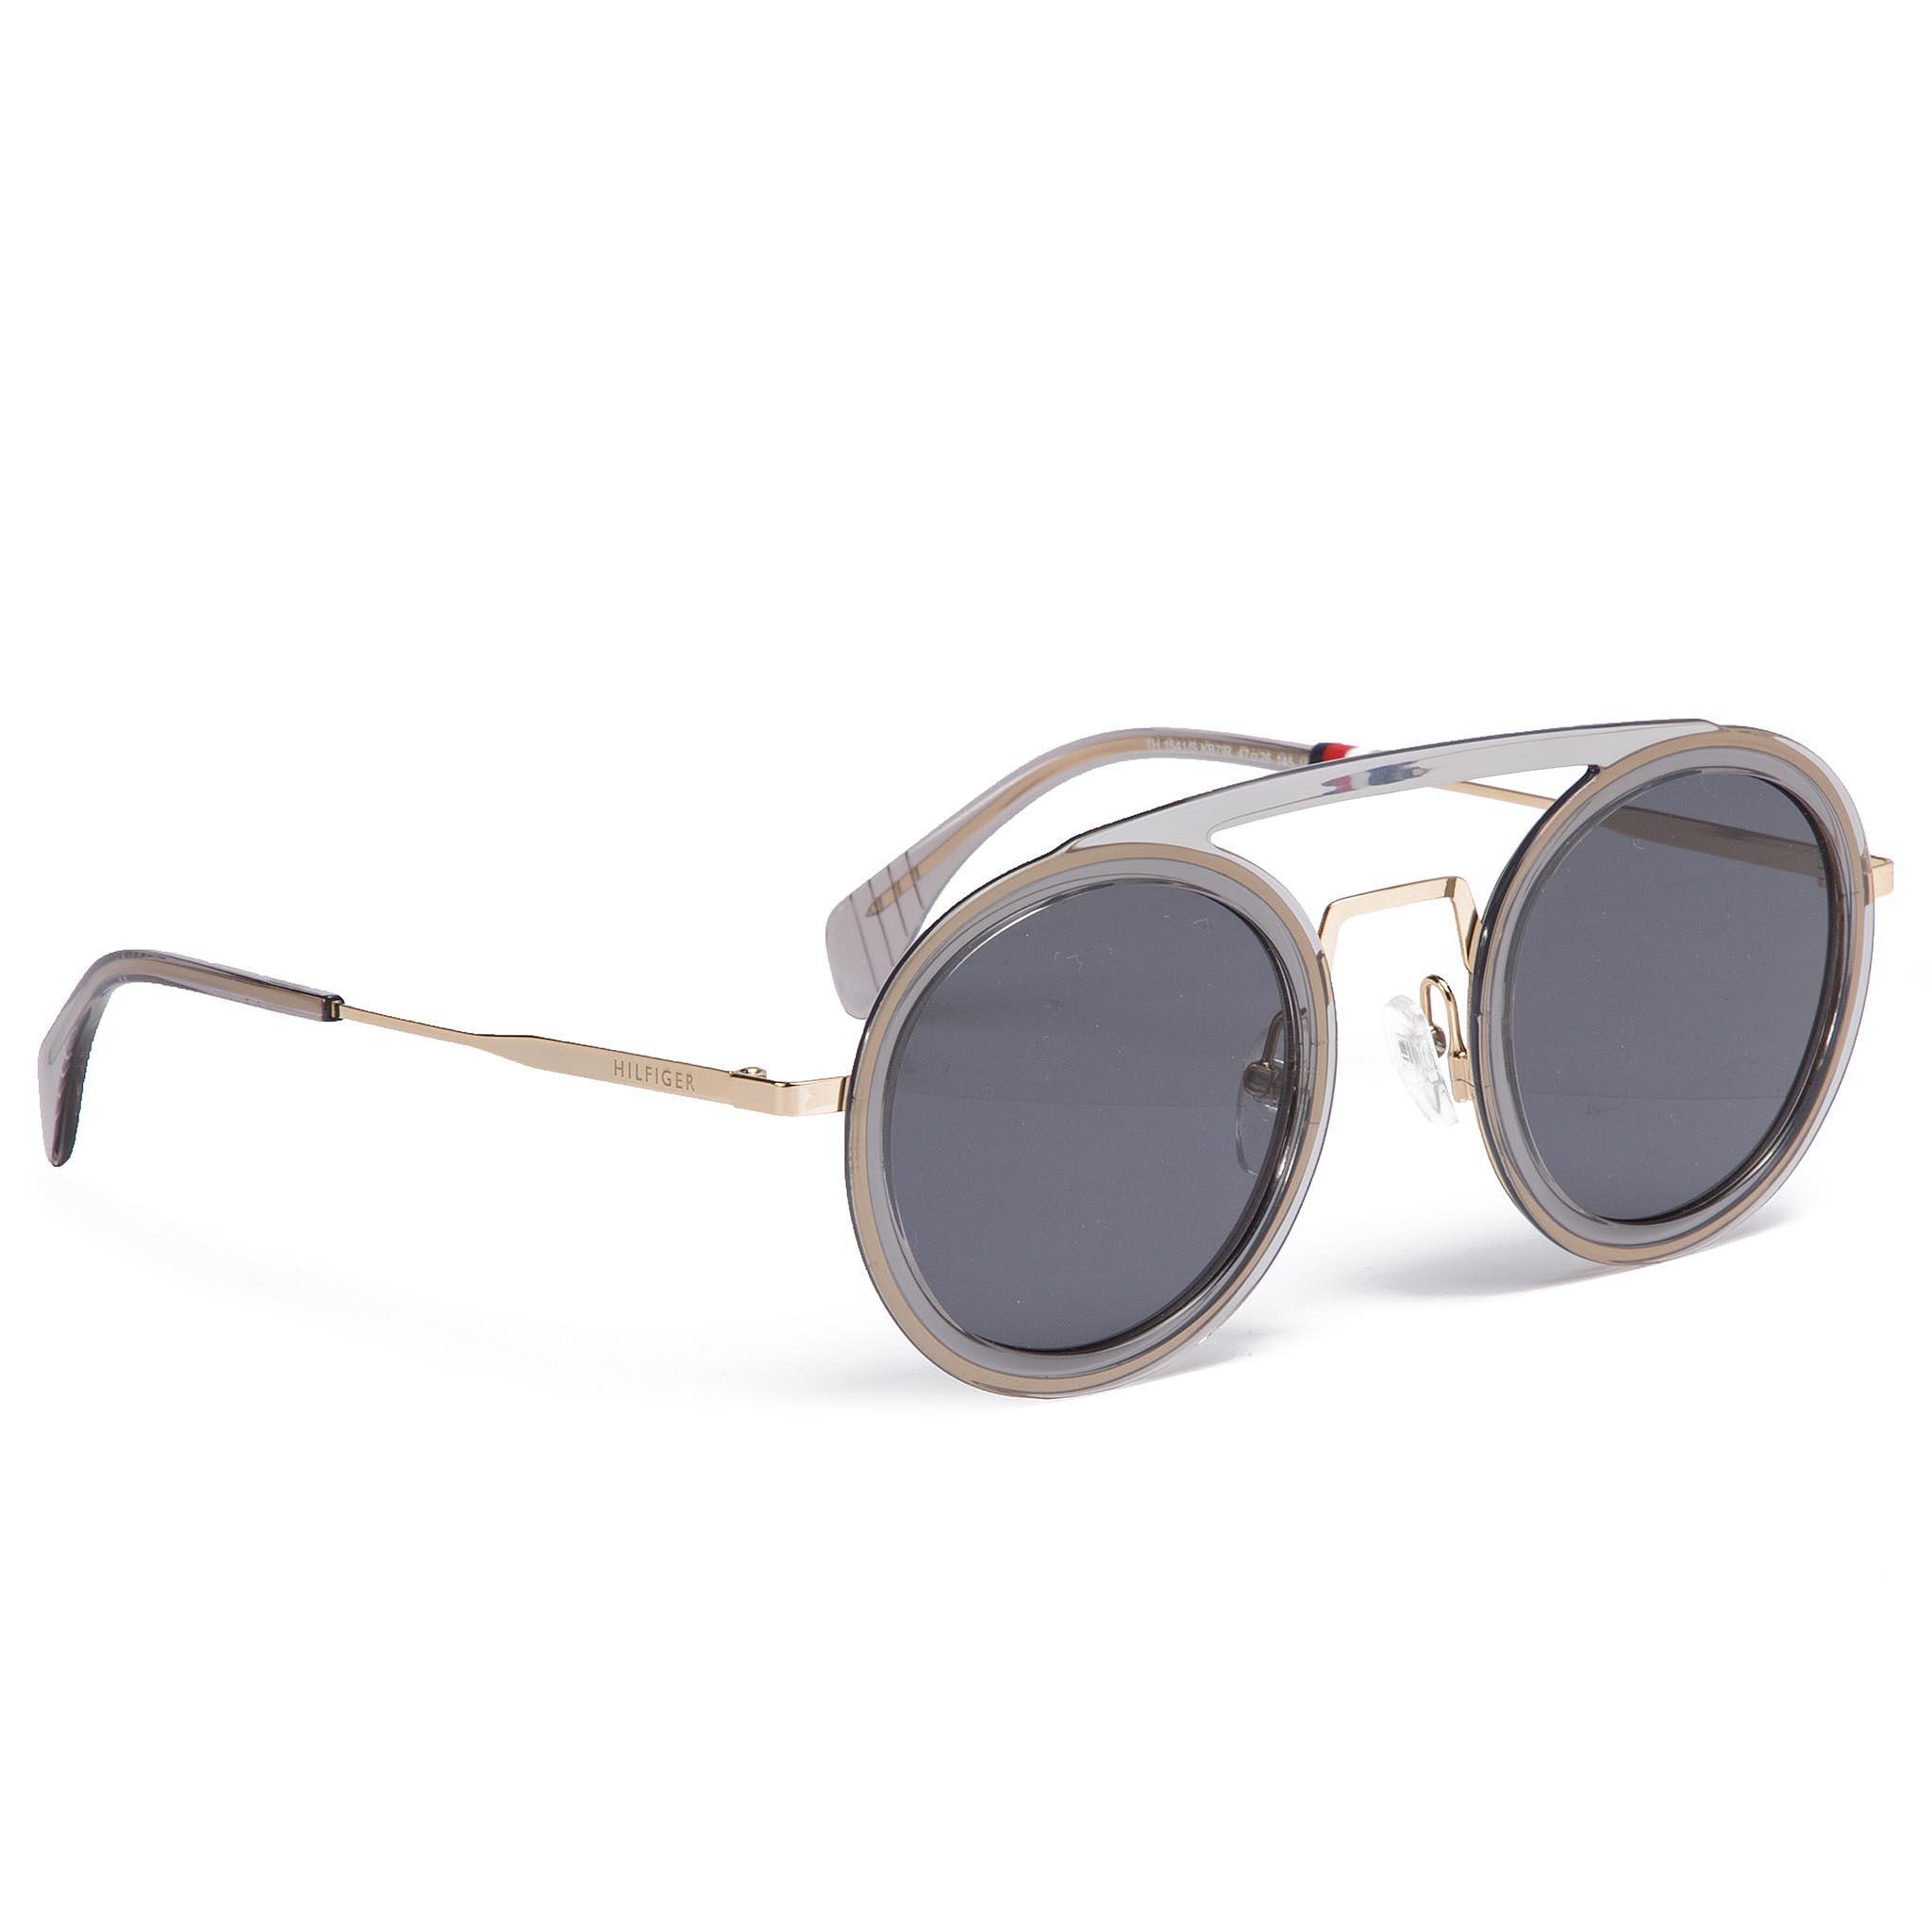 2280027a8 Slnečné okuliare TOMMY HILFIGER - 1541/S Grey KB7 - Glami.sk